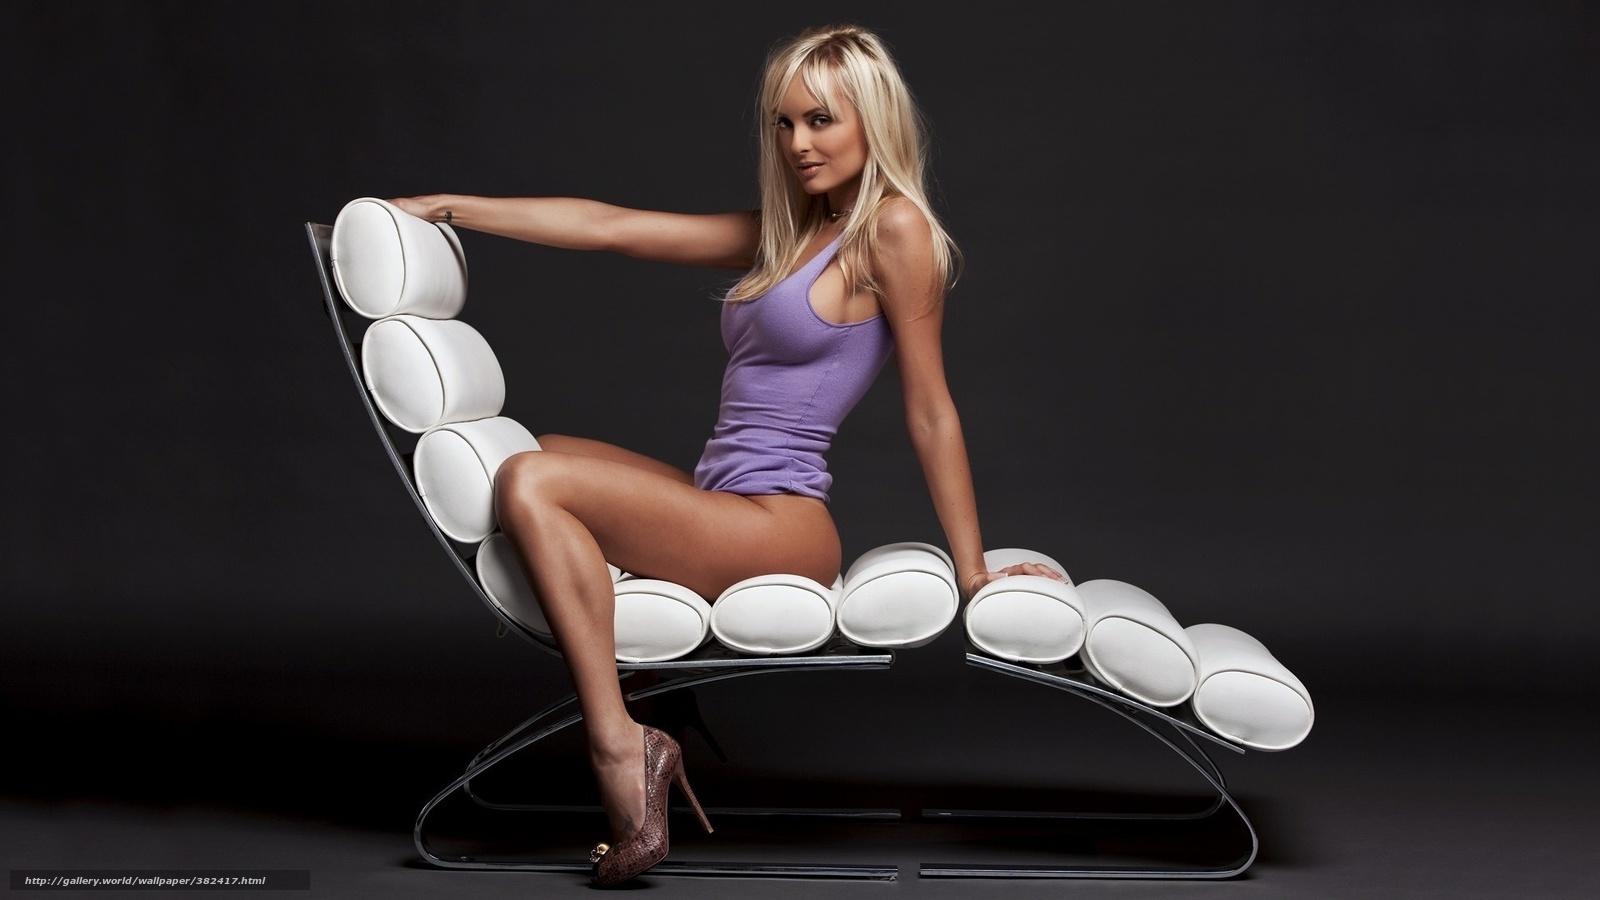 Смотреть секс сидя на кресле 28 фотография